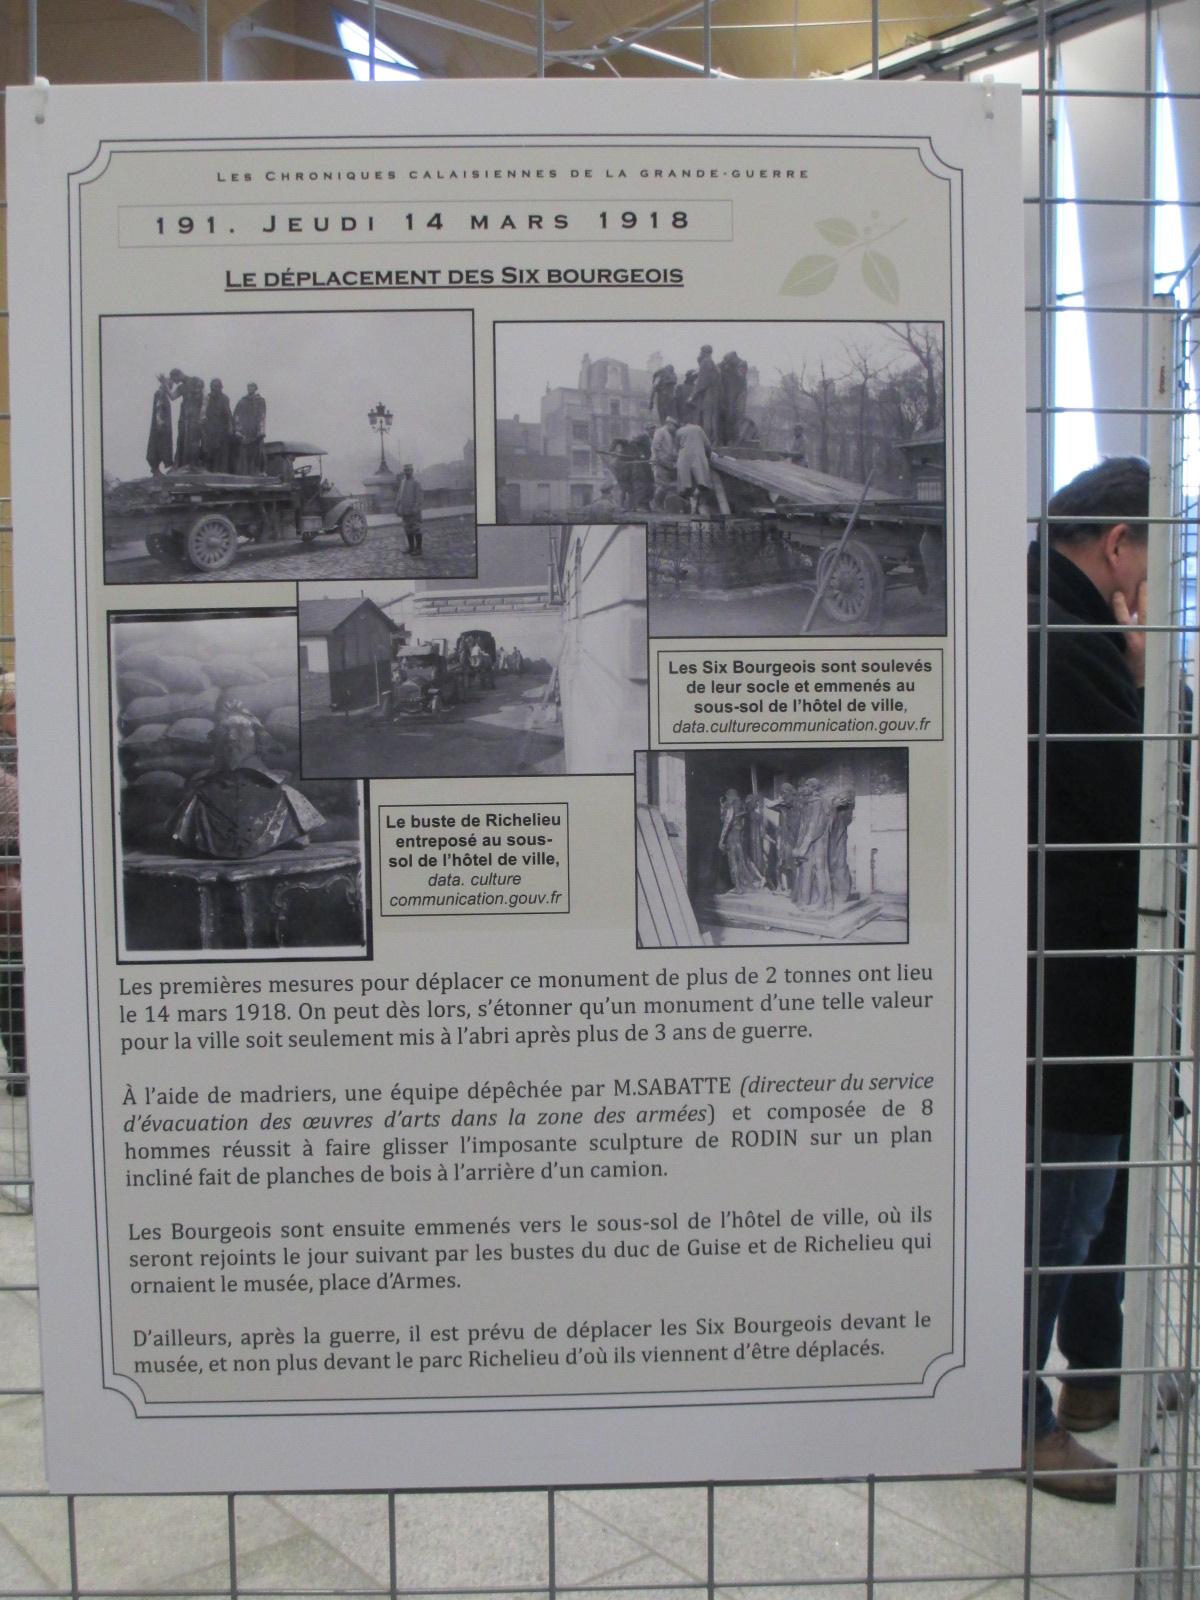 Jeudi 14 mars 1918